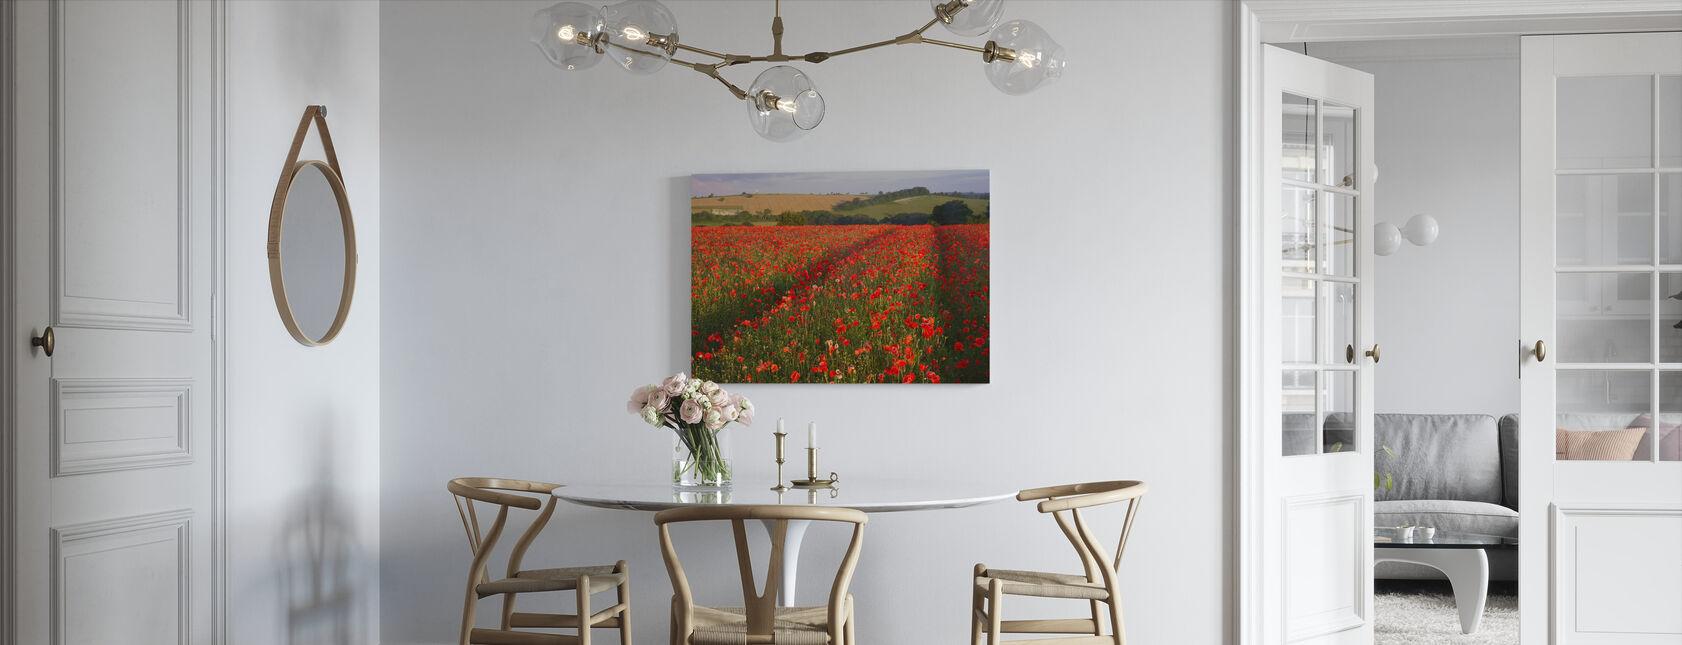 Scarlet Field - Canvas print - Kitchen